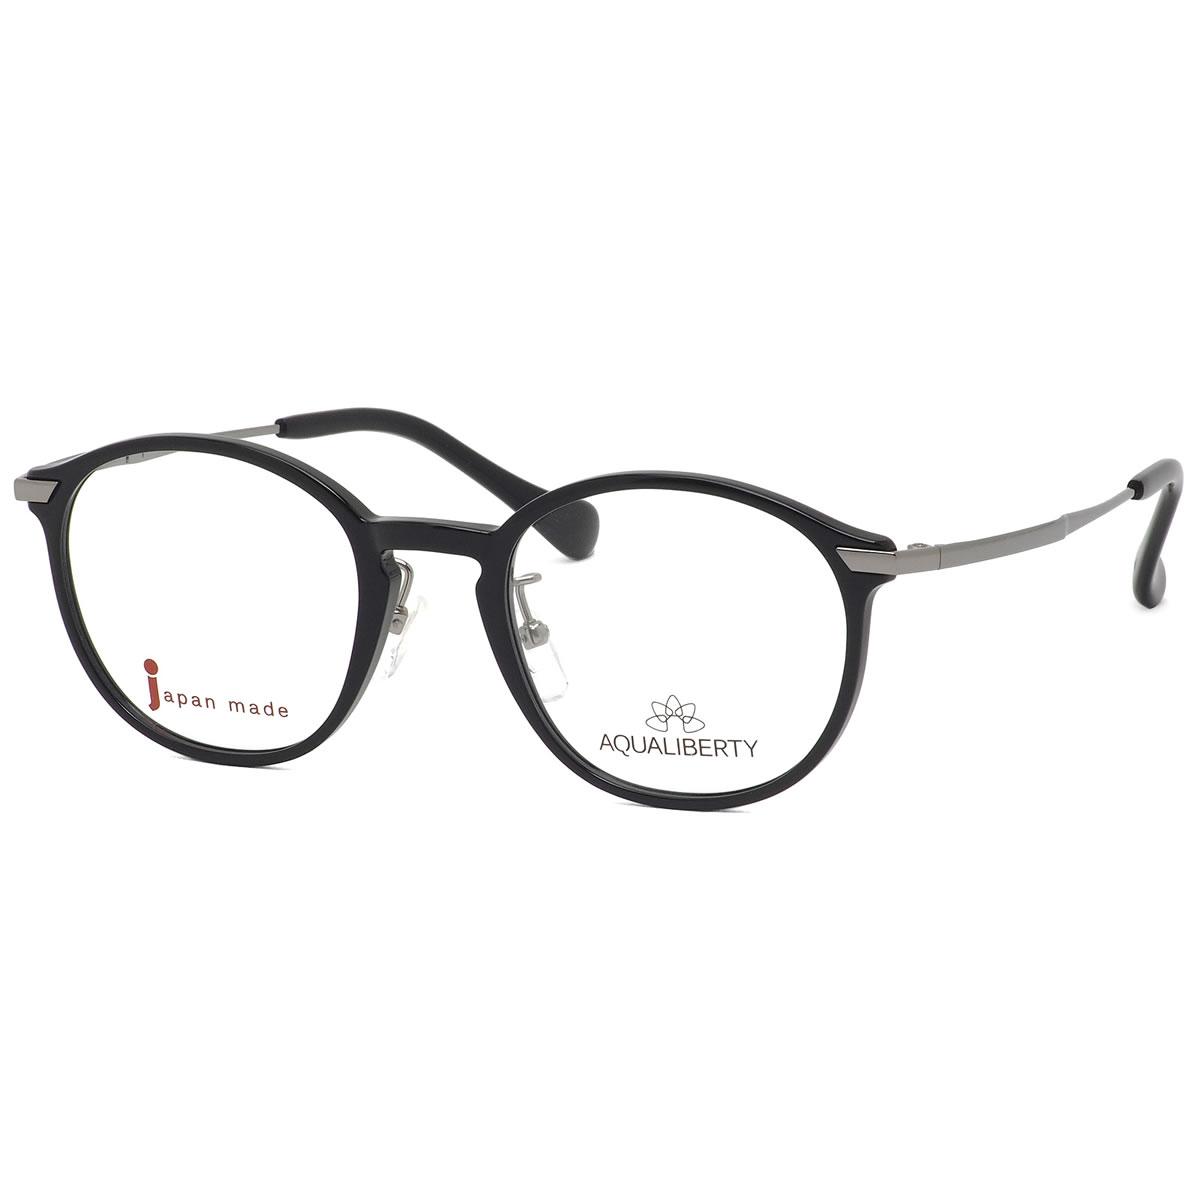 アクアリバティ AQUALIBERTY メガネ AQ22504 BK 48サイズ 日本製 メイドインジャパン MADE IN JAPAN キーホールブリッジ ダテメガネ 黒ぶち おしゃれ シンプル 軽い 伊達メガネレンズ無料 メンズ レディース